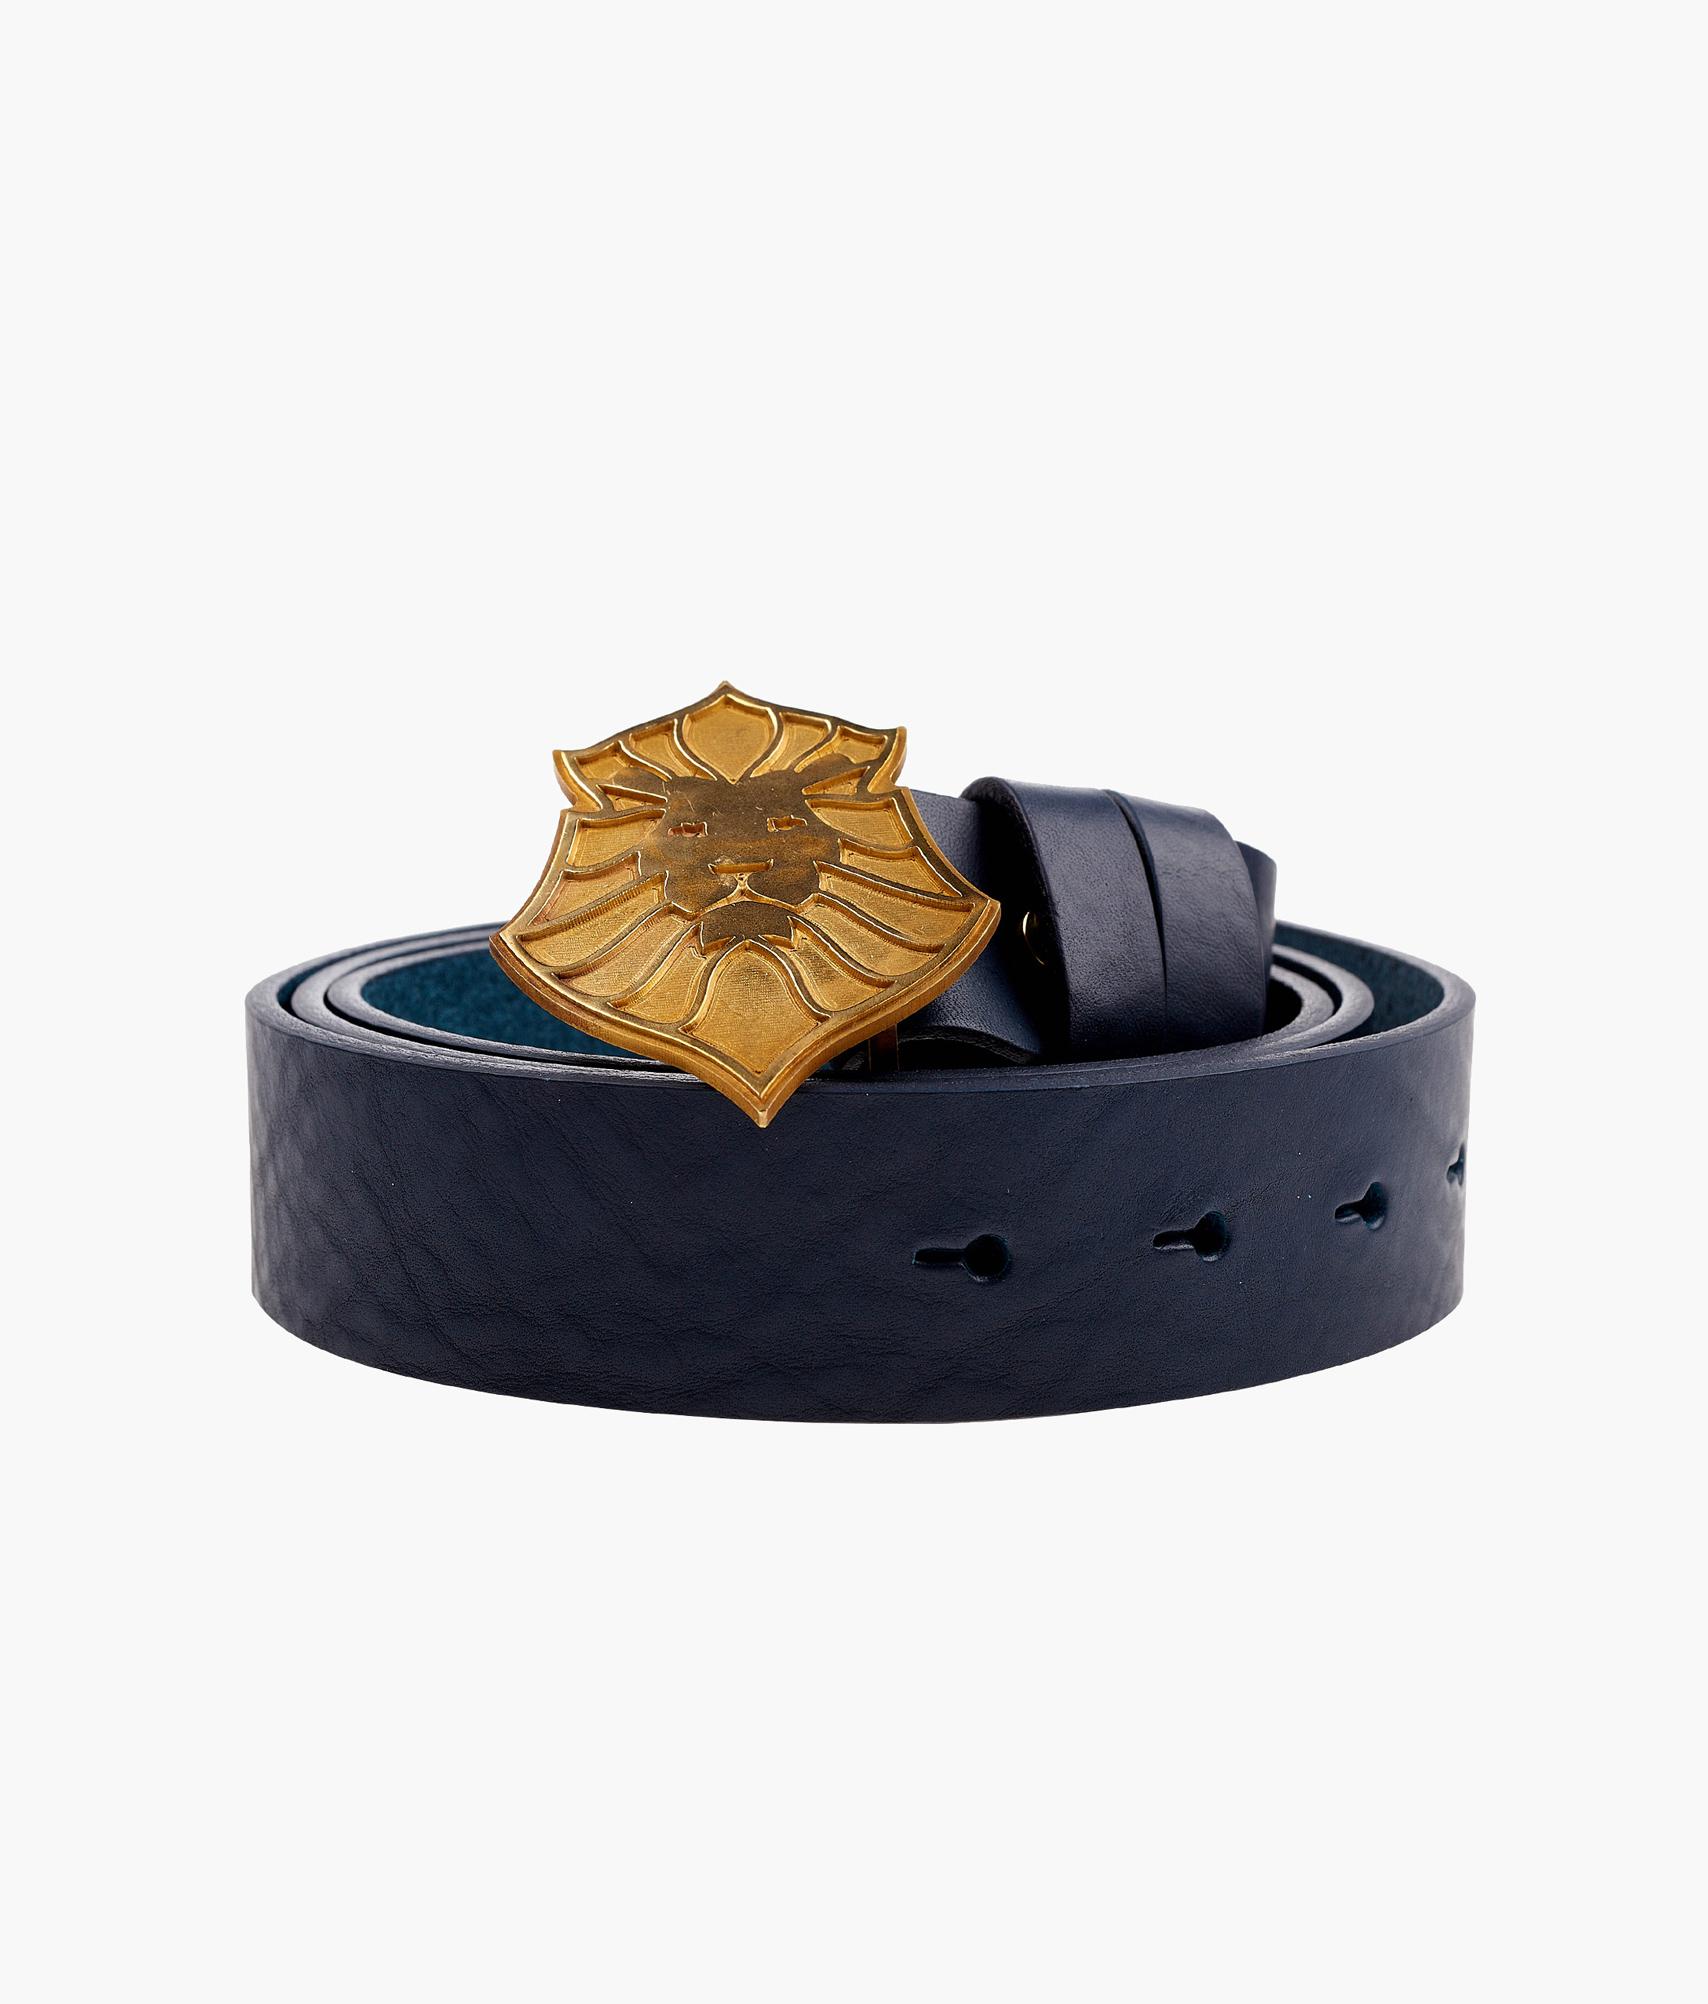 Мужской кожаный ремень Lion Line Зенит